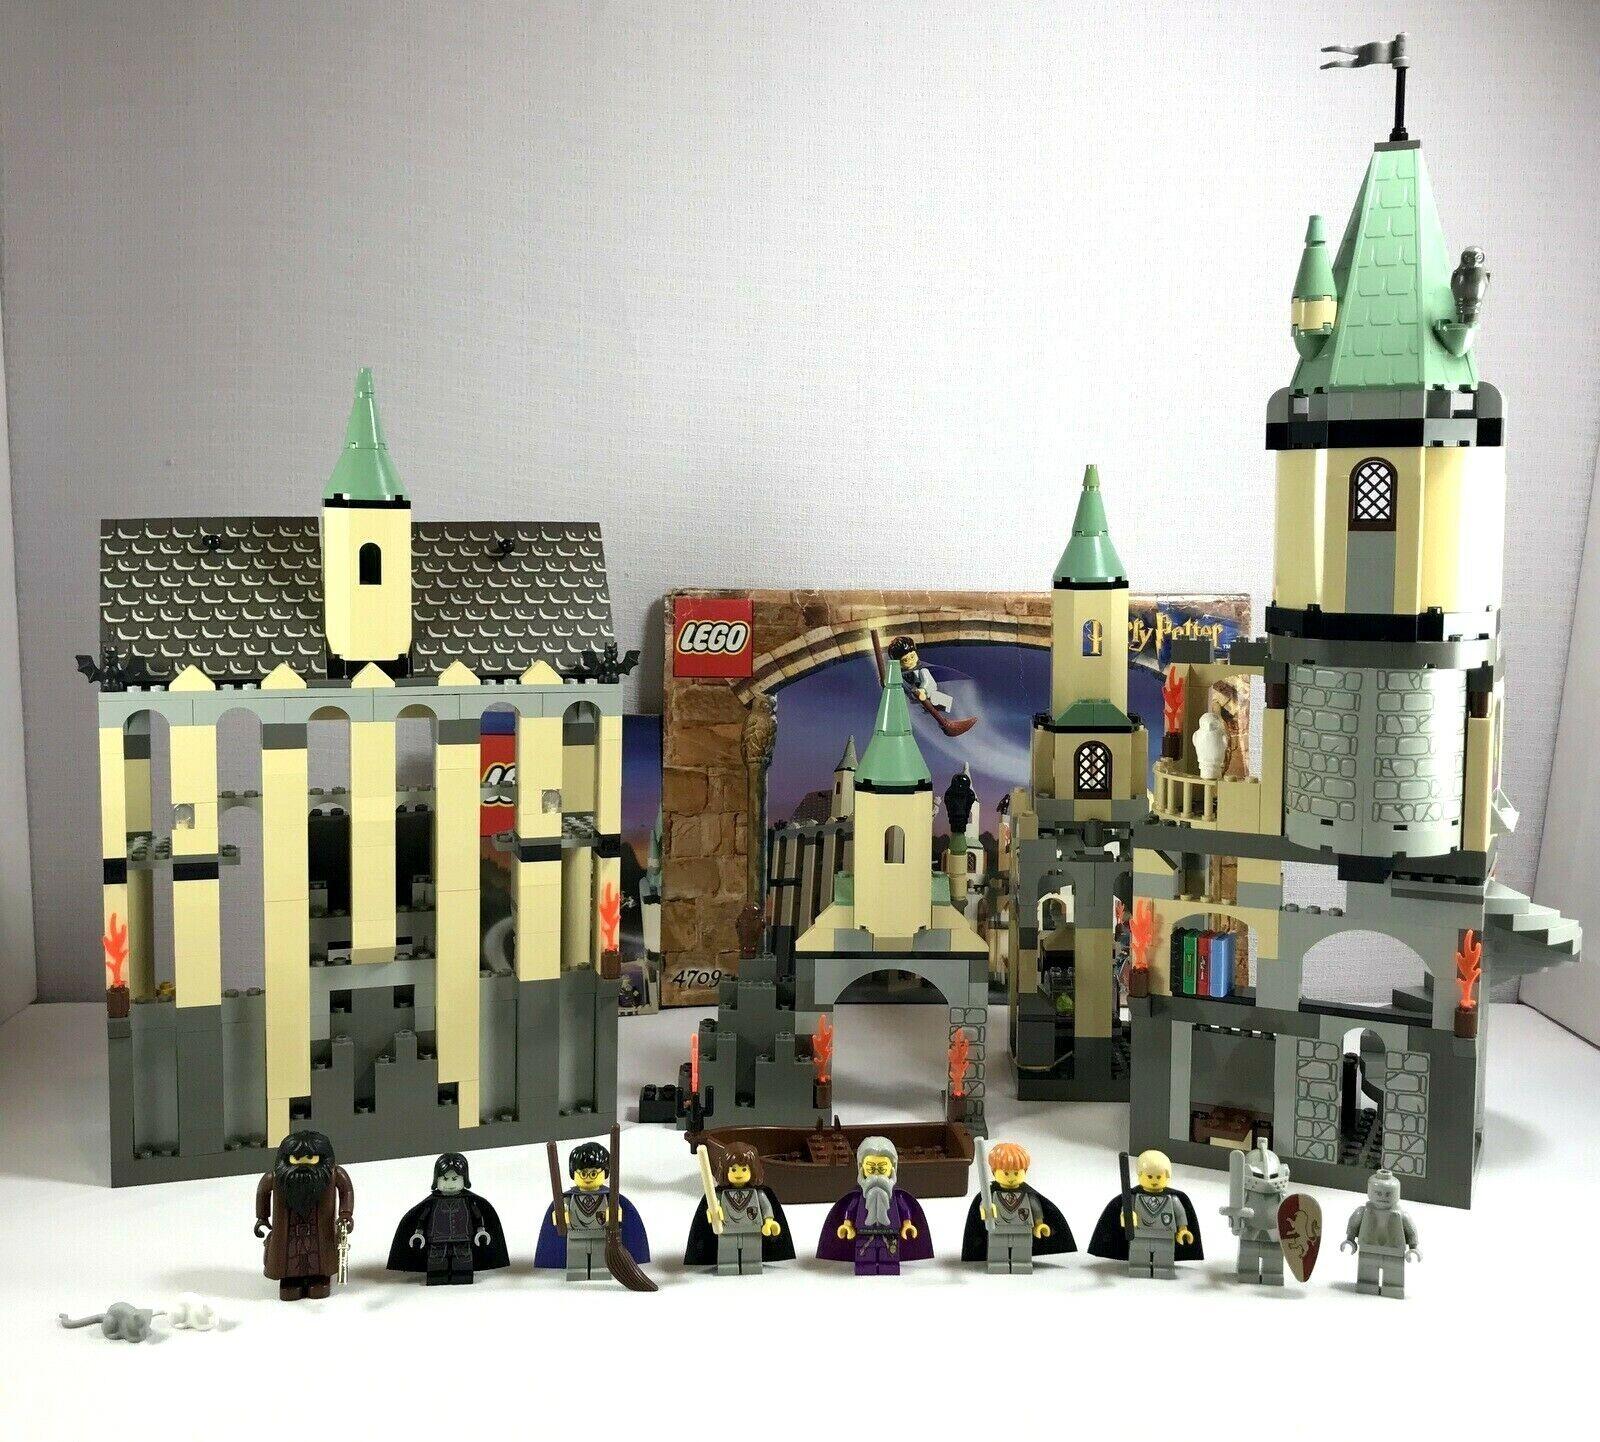 Lego Harry Potter set  4709 Hogwarts Castle complet avec 9 minifigs & POSTER  voici la dernière